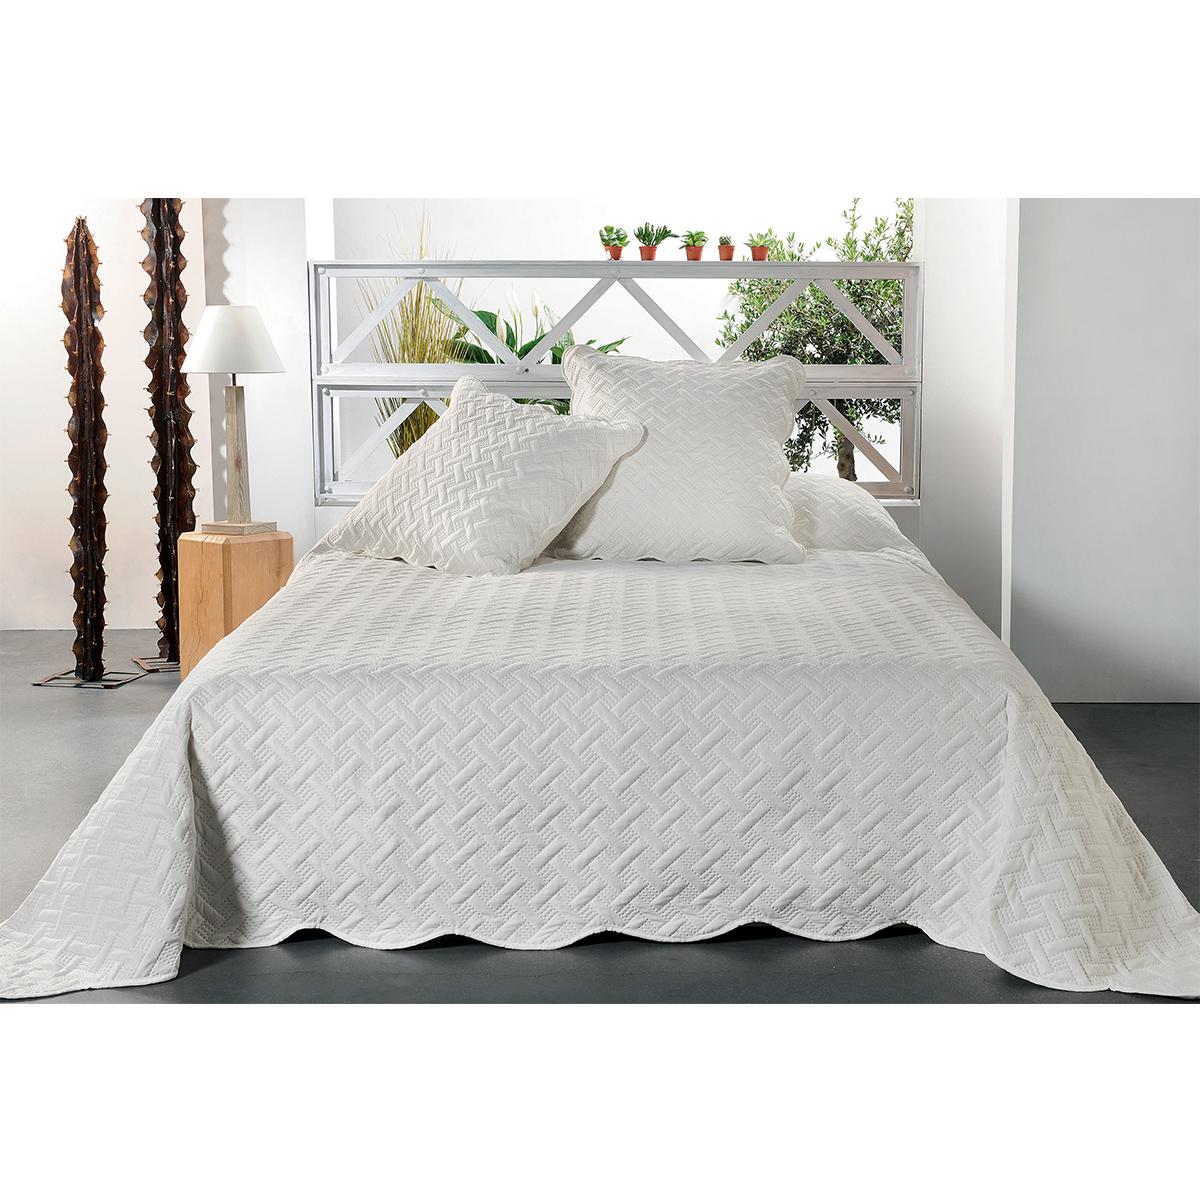 Jeté de lit aux formes géométriques surpiquées polyester ecru 240x180